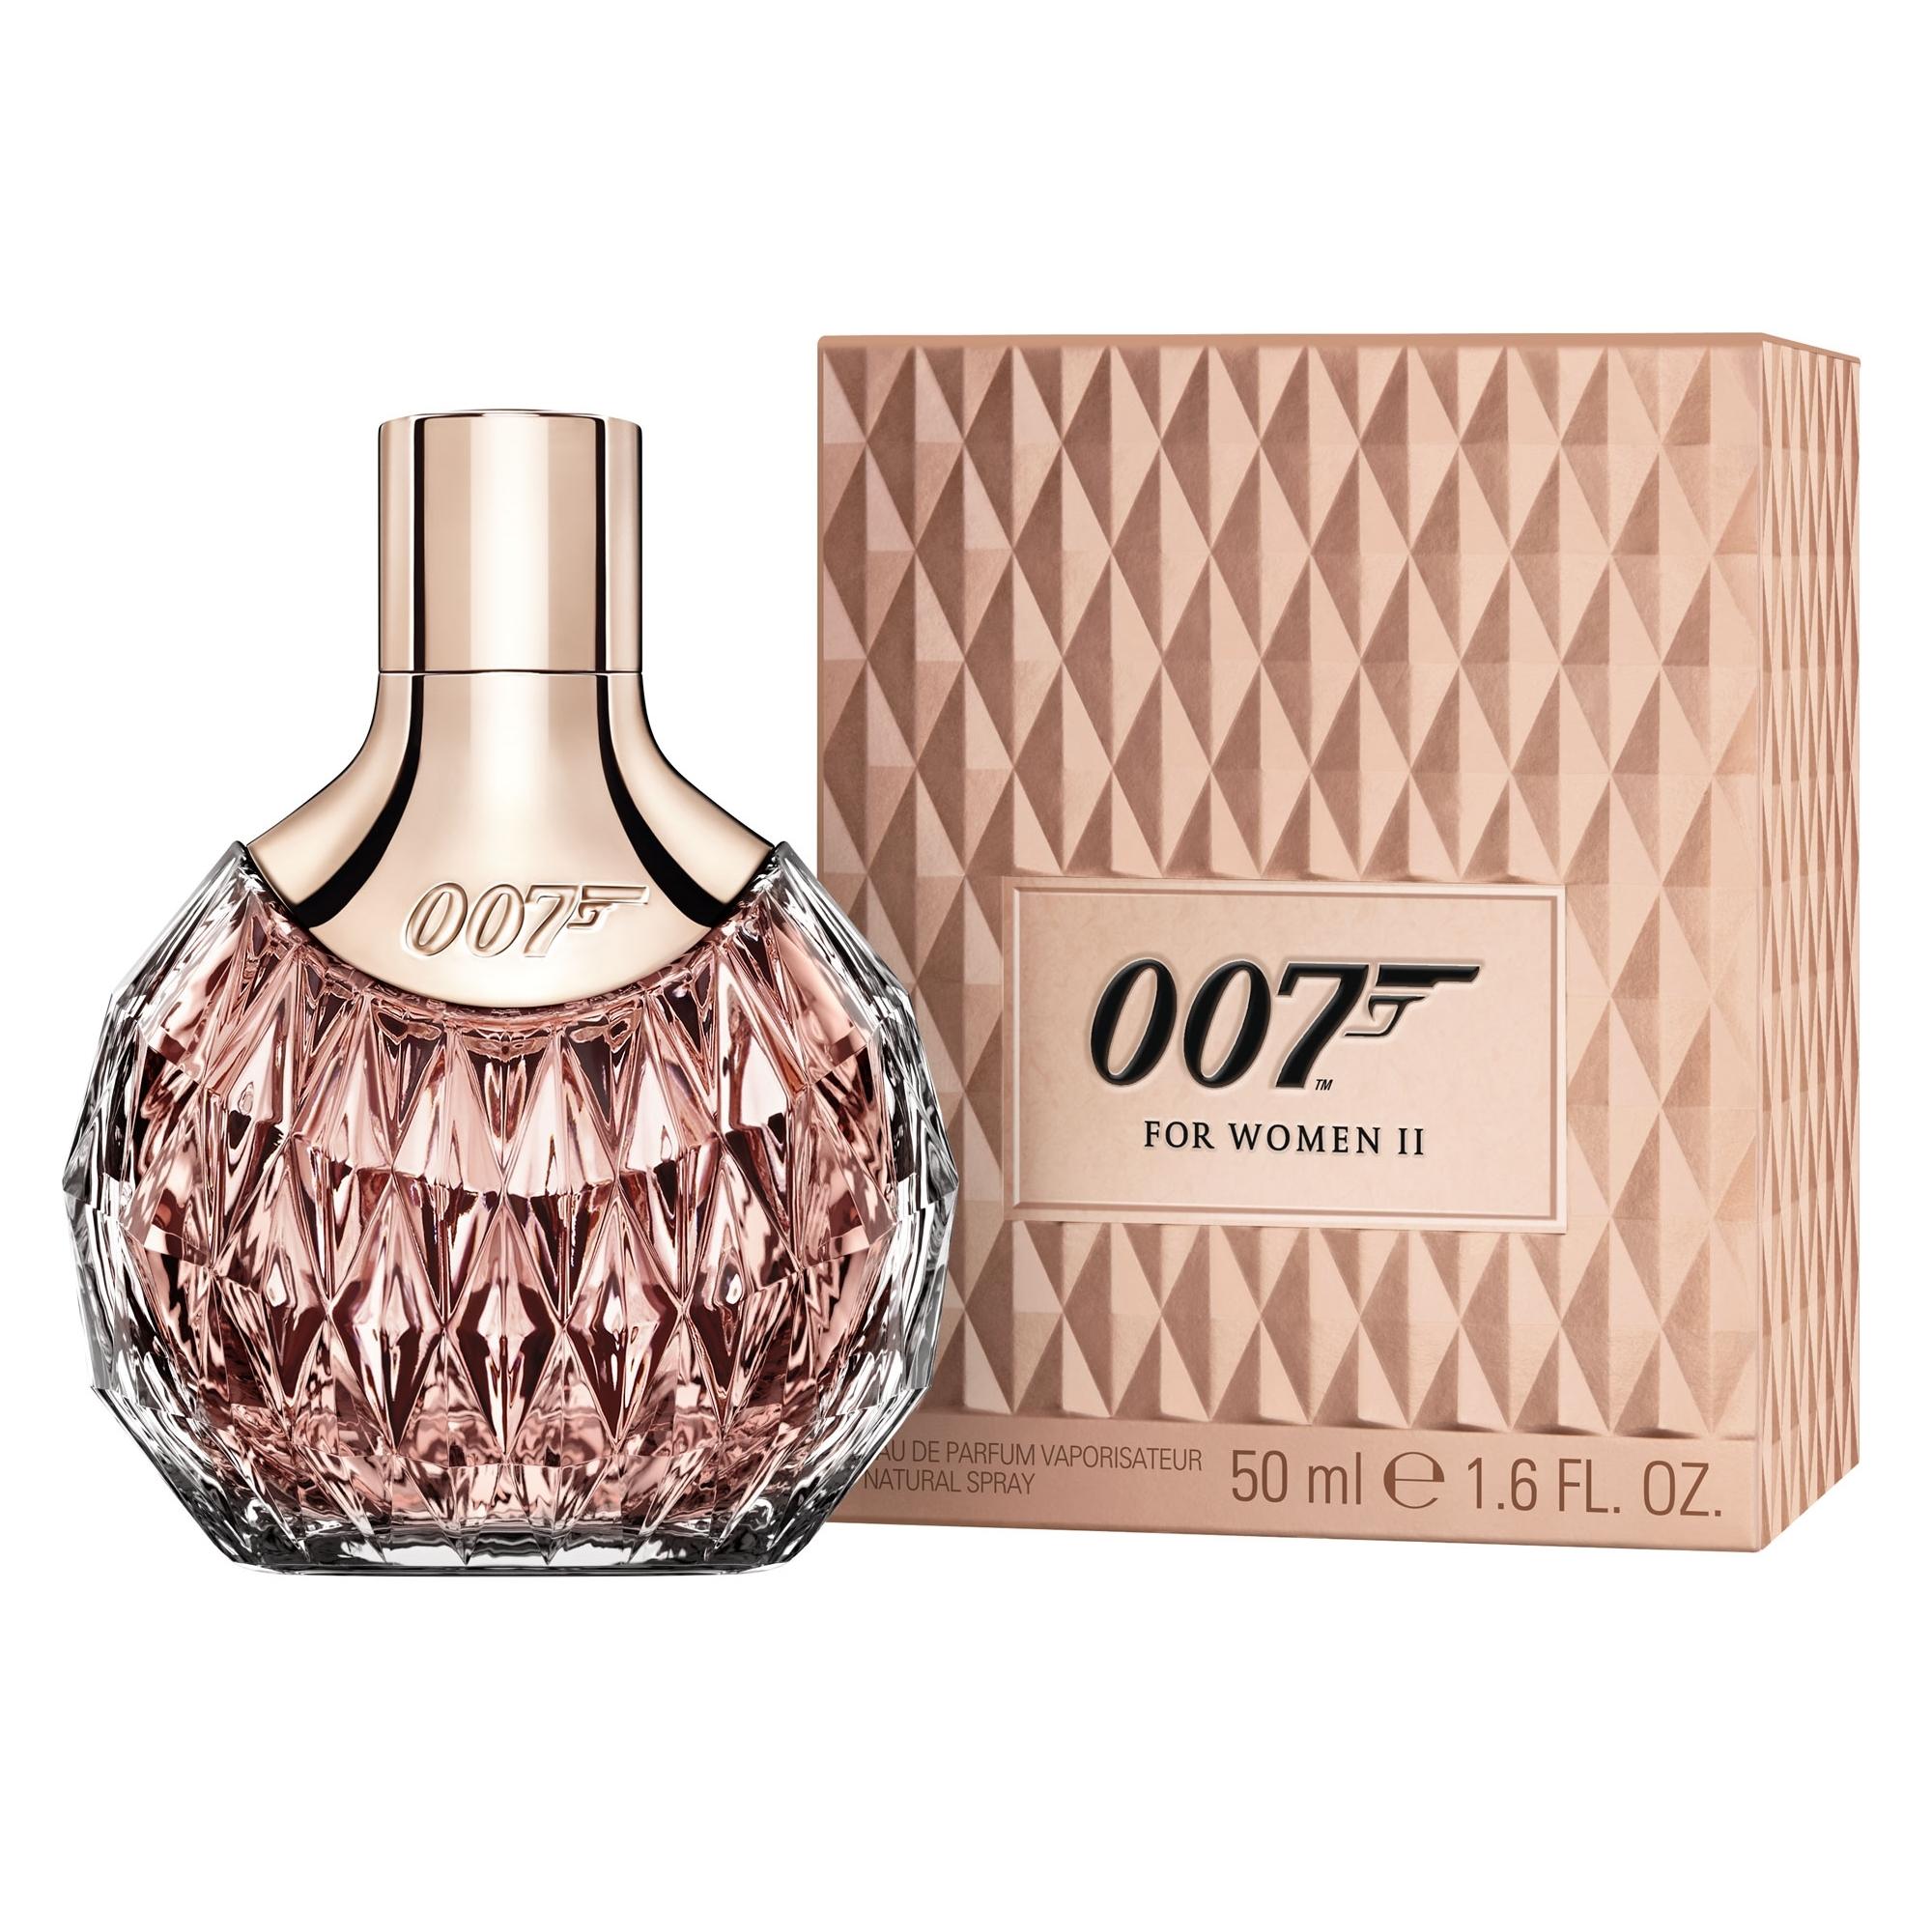 007 parfym kicks